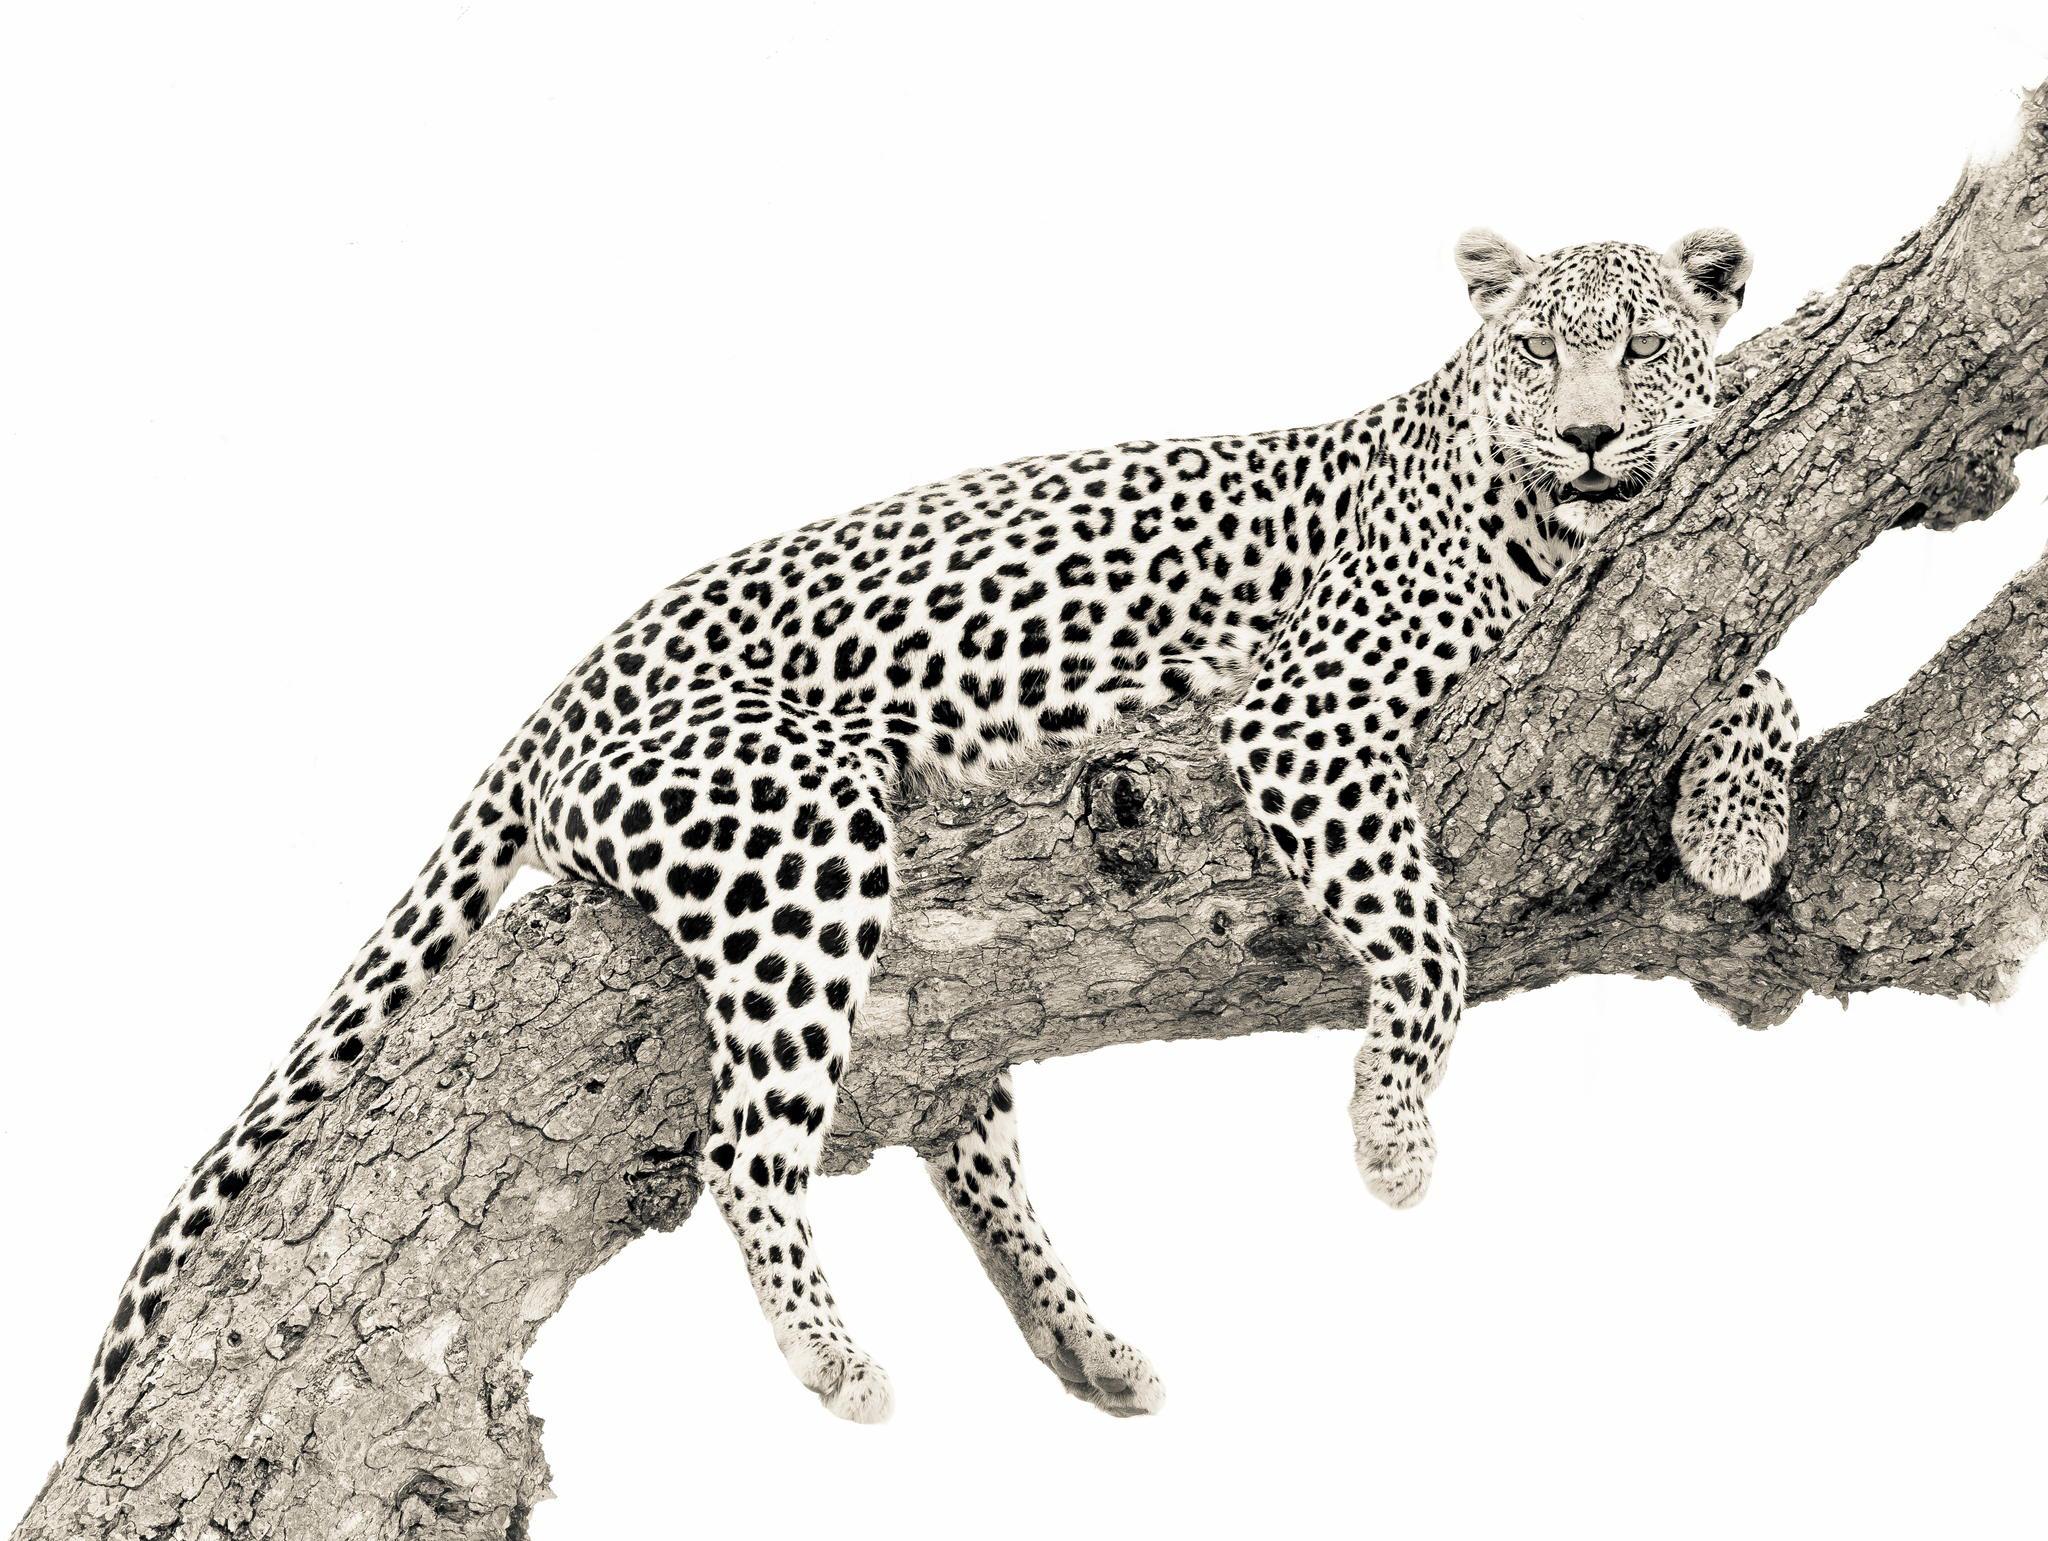 себе объяснение, картинка ягуар на белом фоне ожидать